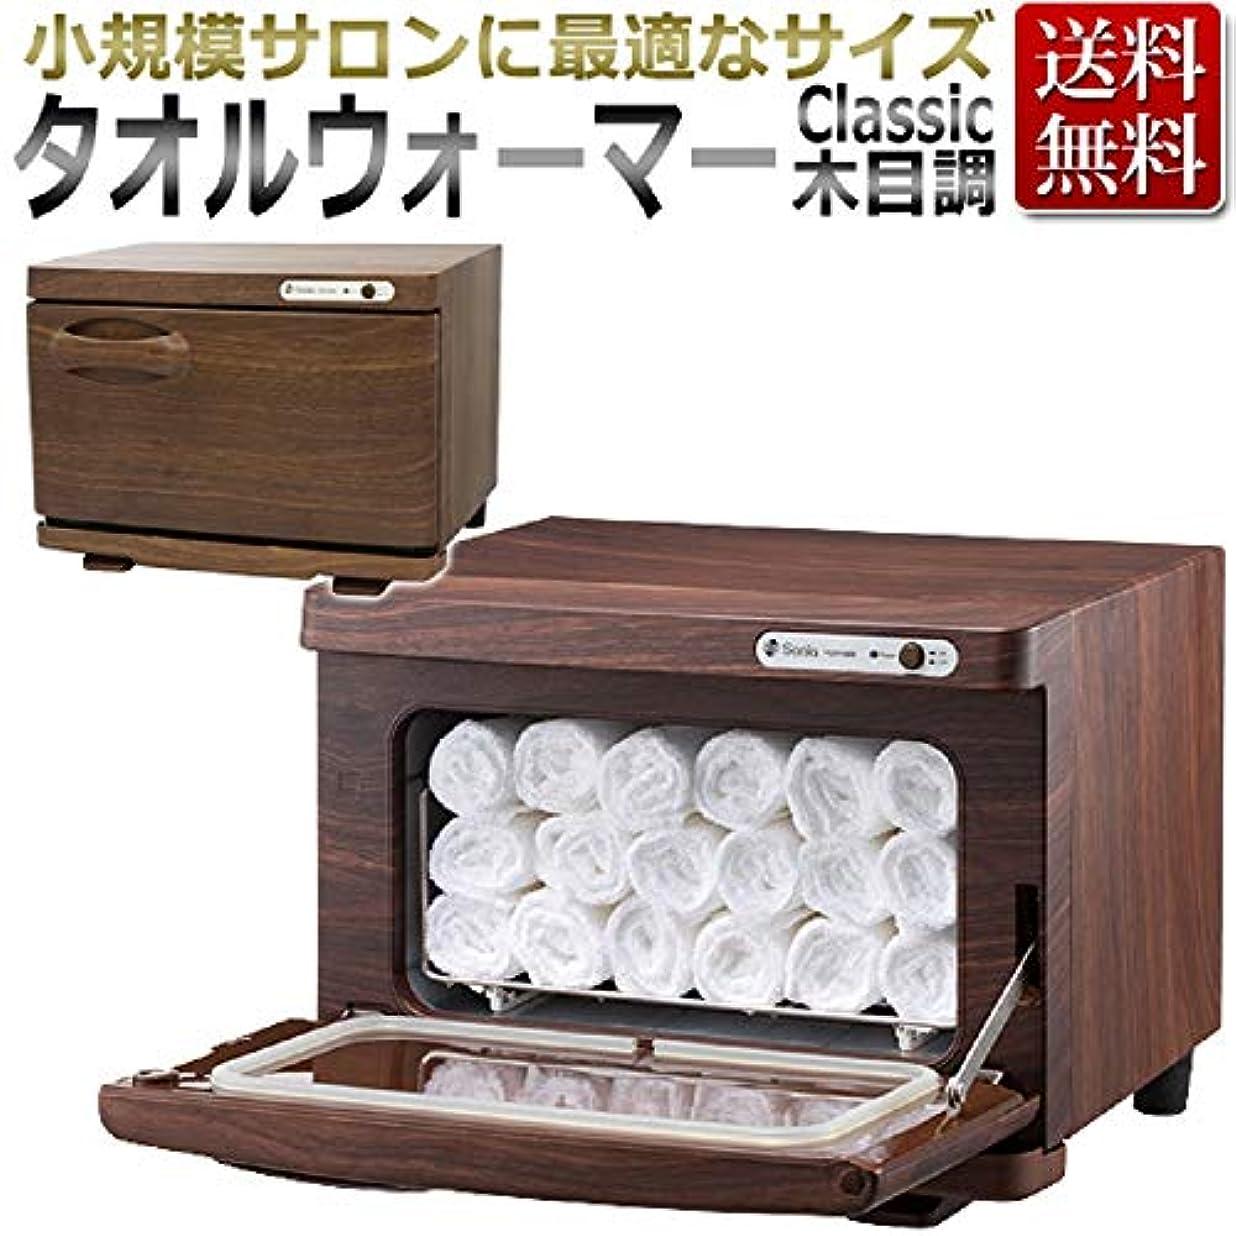 会計公平な暫定のタオルウォーマー Classic 木目調 ホットキャビ / 7.5リットル